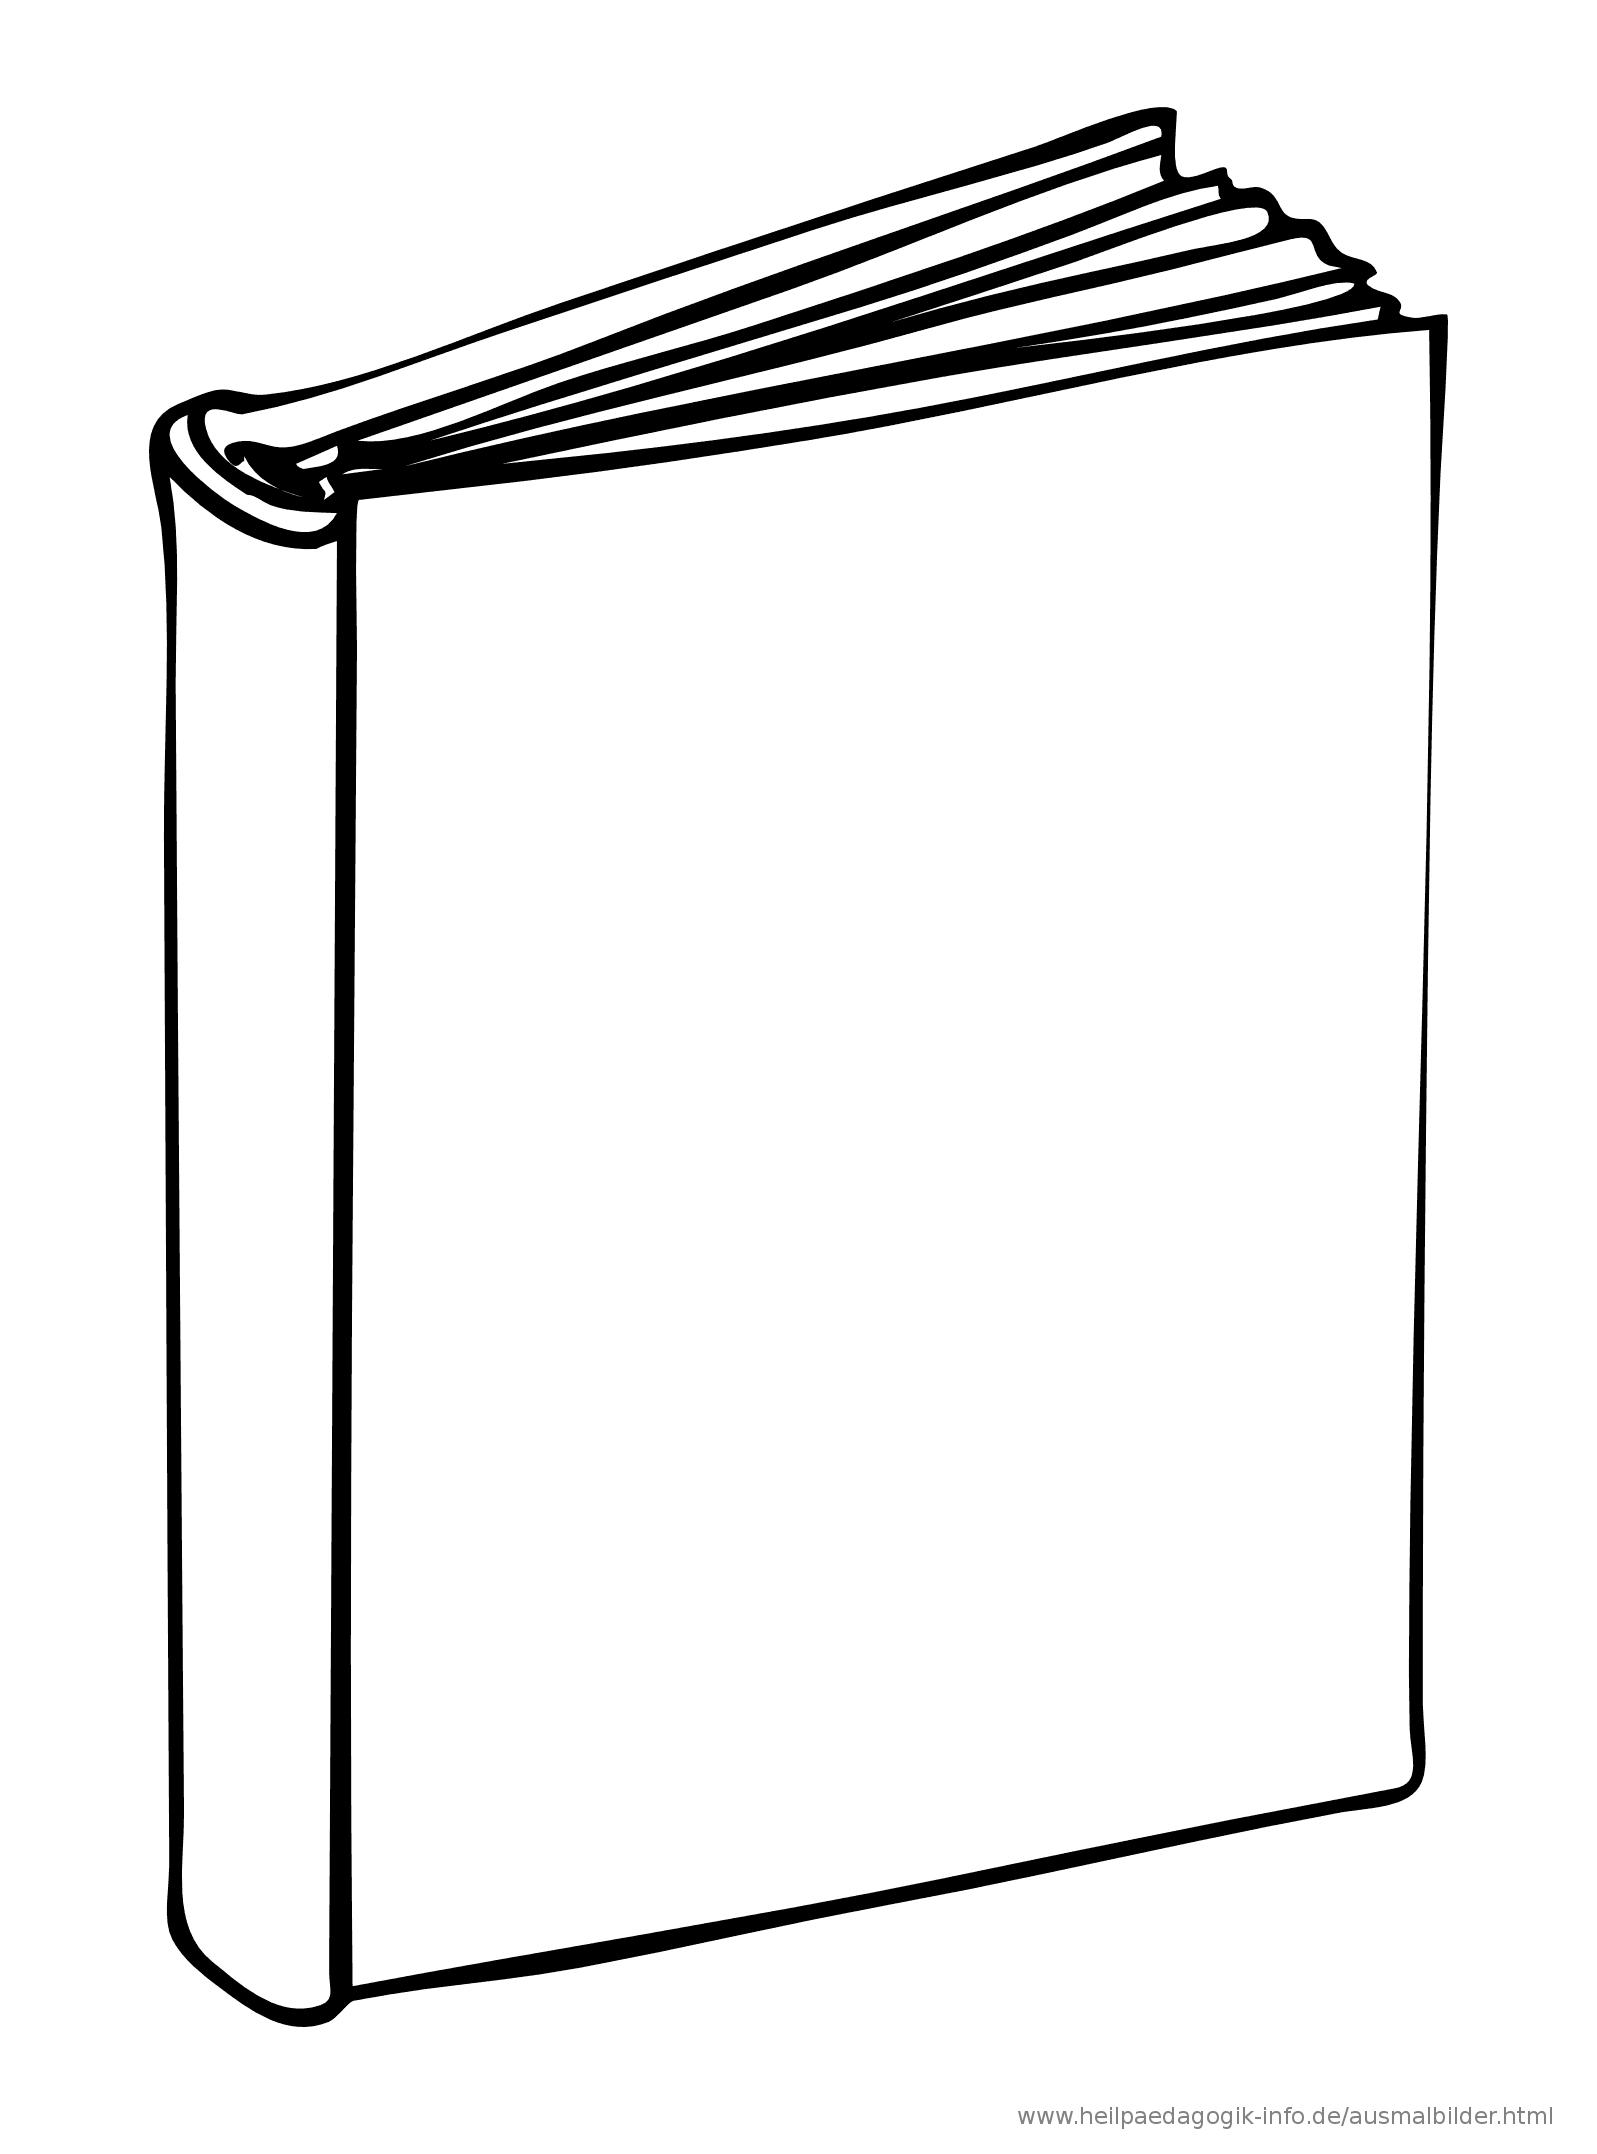 Buch malvorlage 3 Ausmalbilder Fur Euch - Malvorlagen